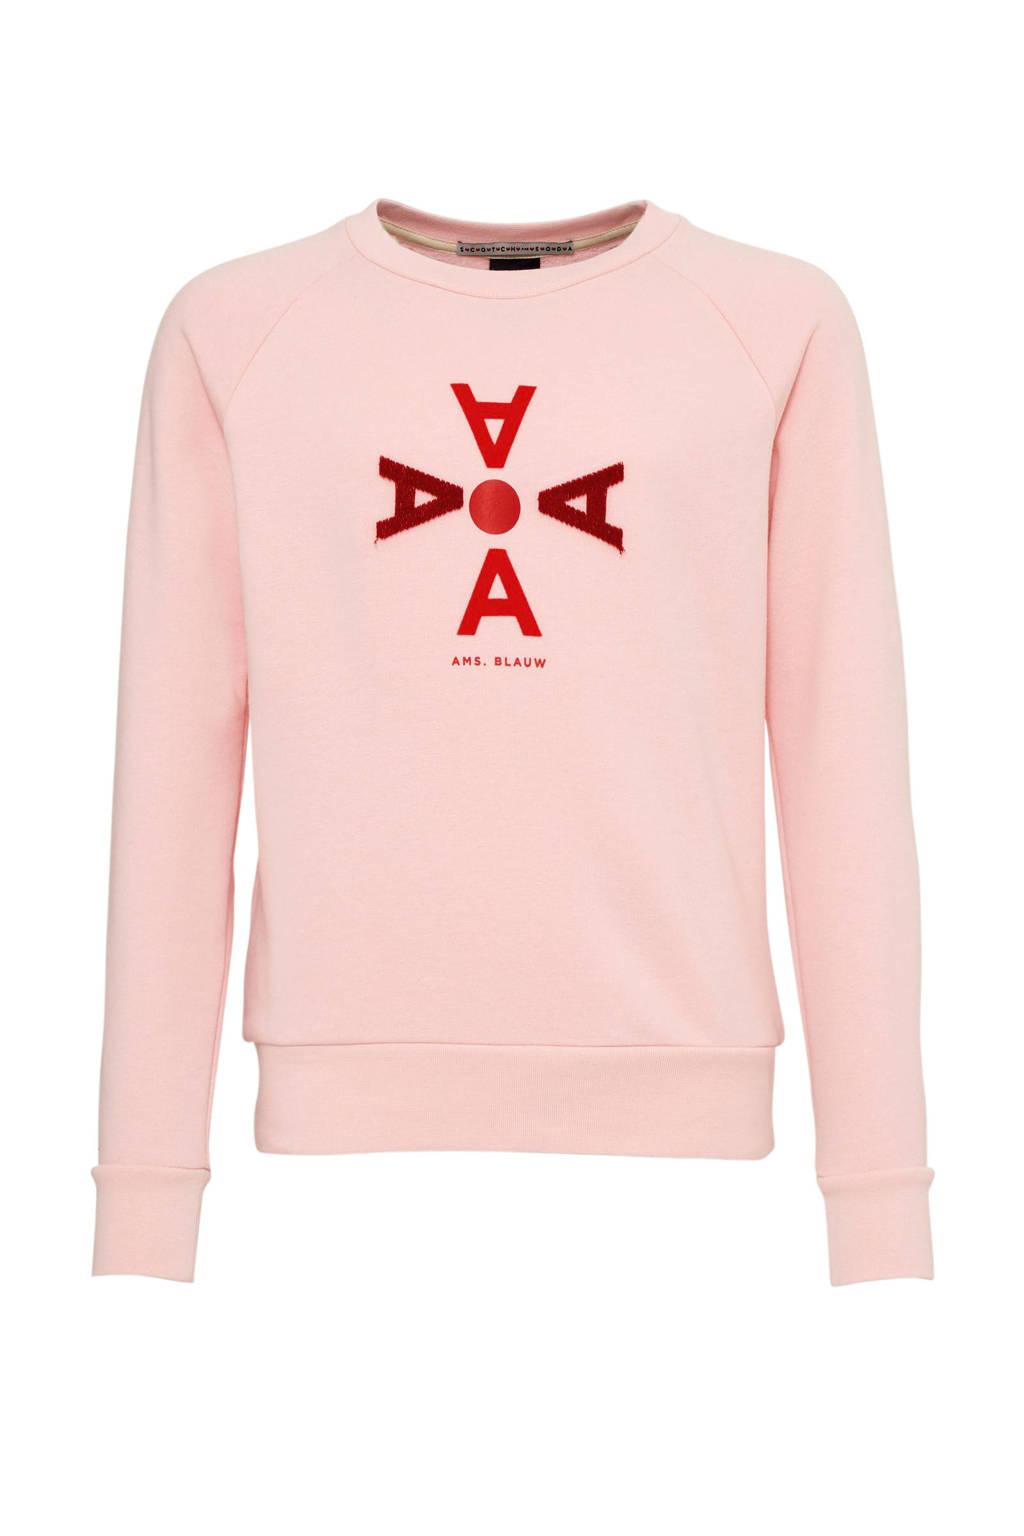 Scotch & Soda Amsterdams Blauw sweater met printopdruk en 3D applicatie lichtroze/rood, Lichtroze/rood